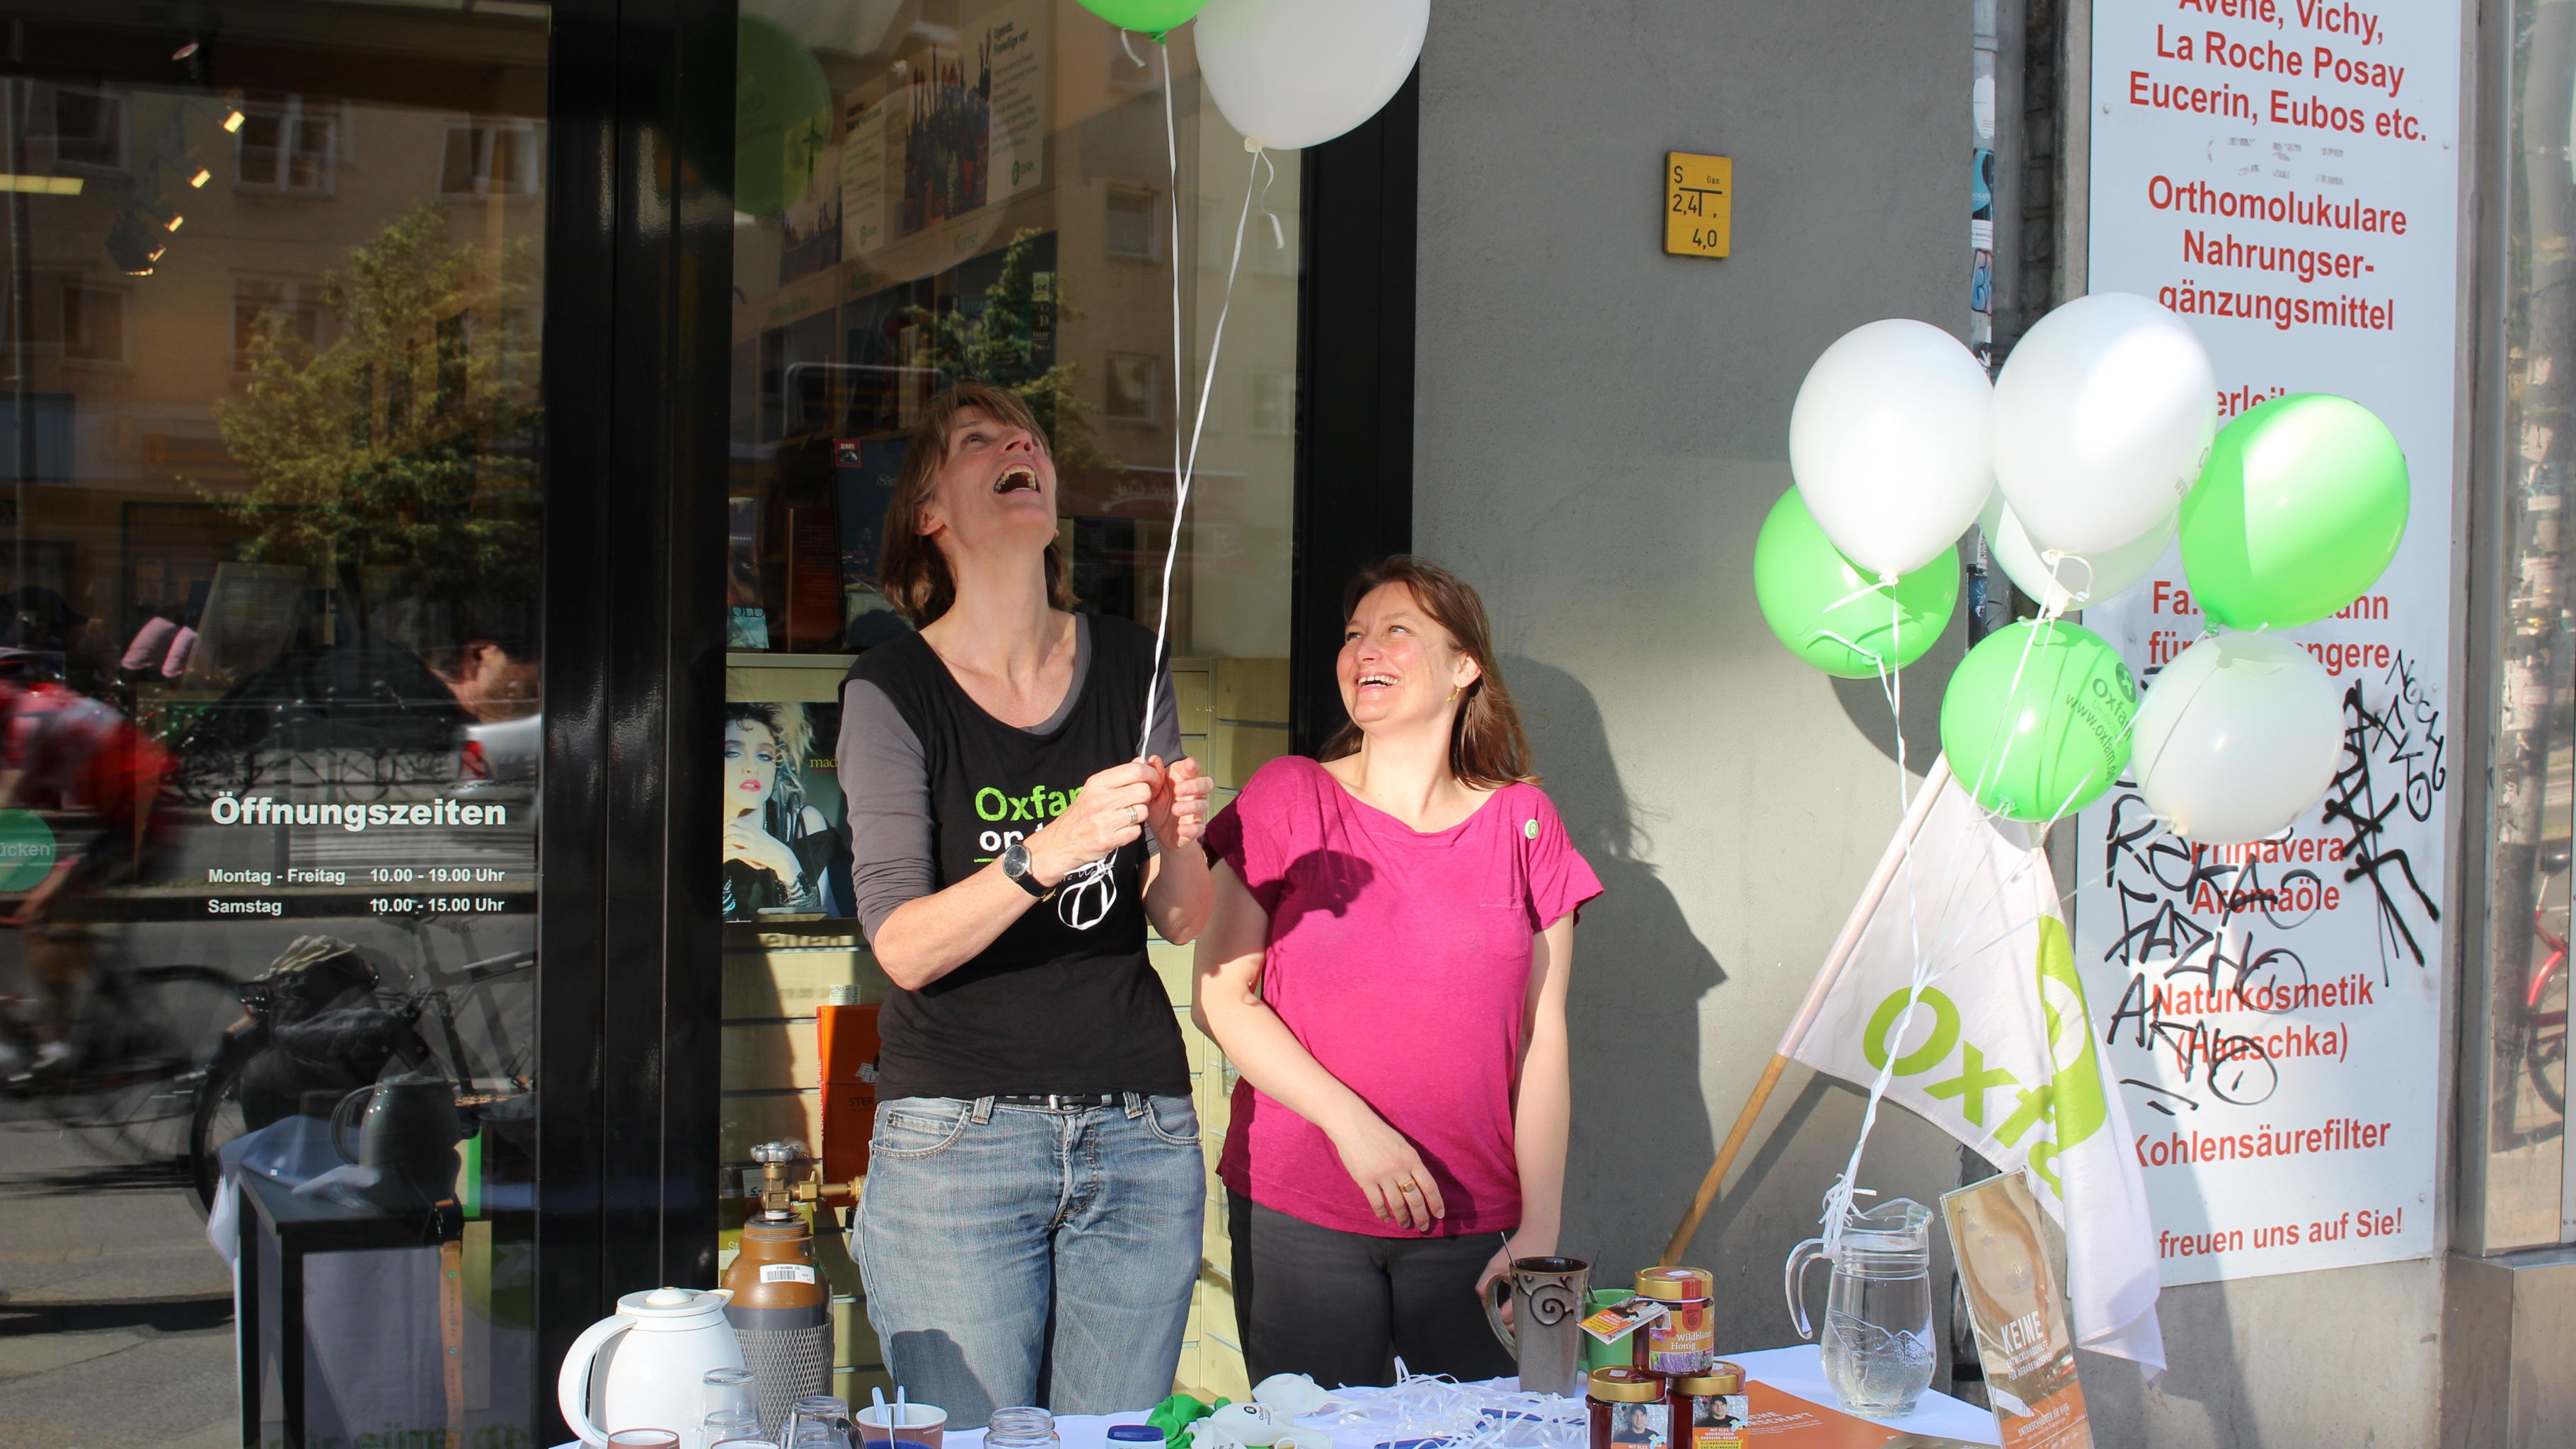 Oxfam Buchshop Berlin-Schöneberg - Kampagnenaktionstag